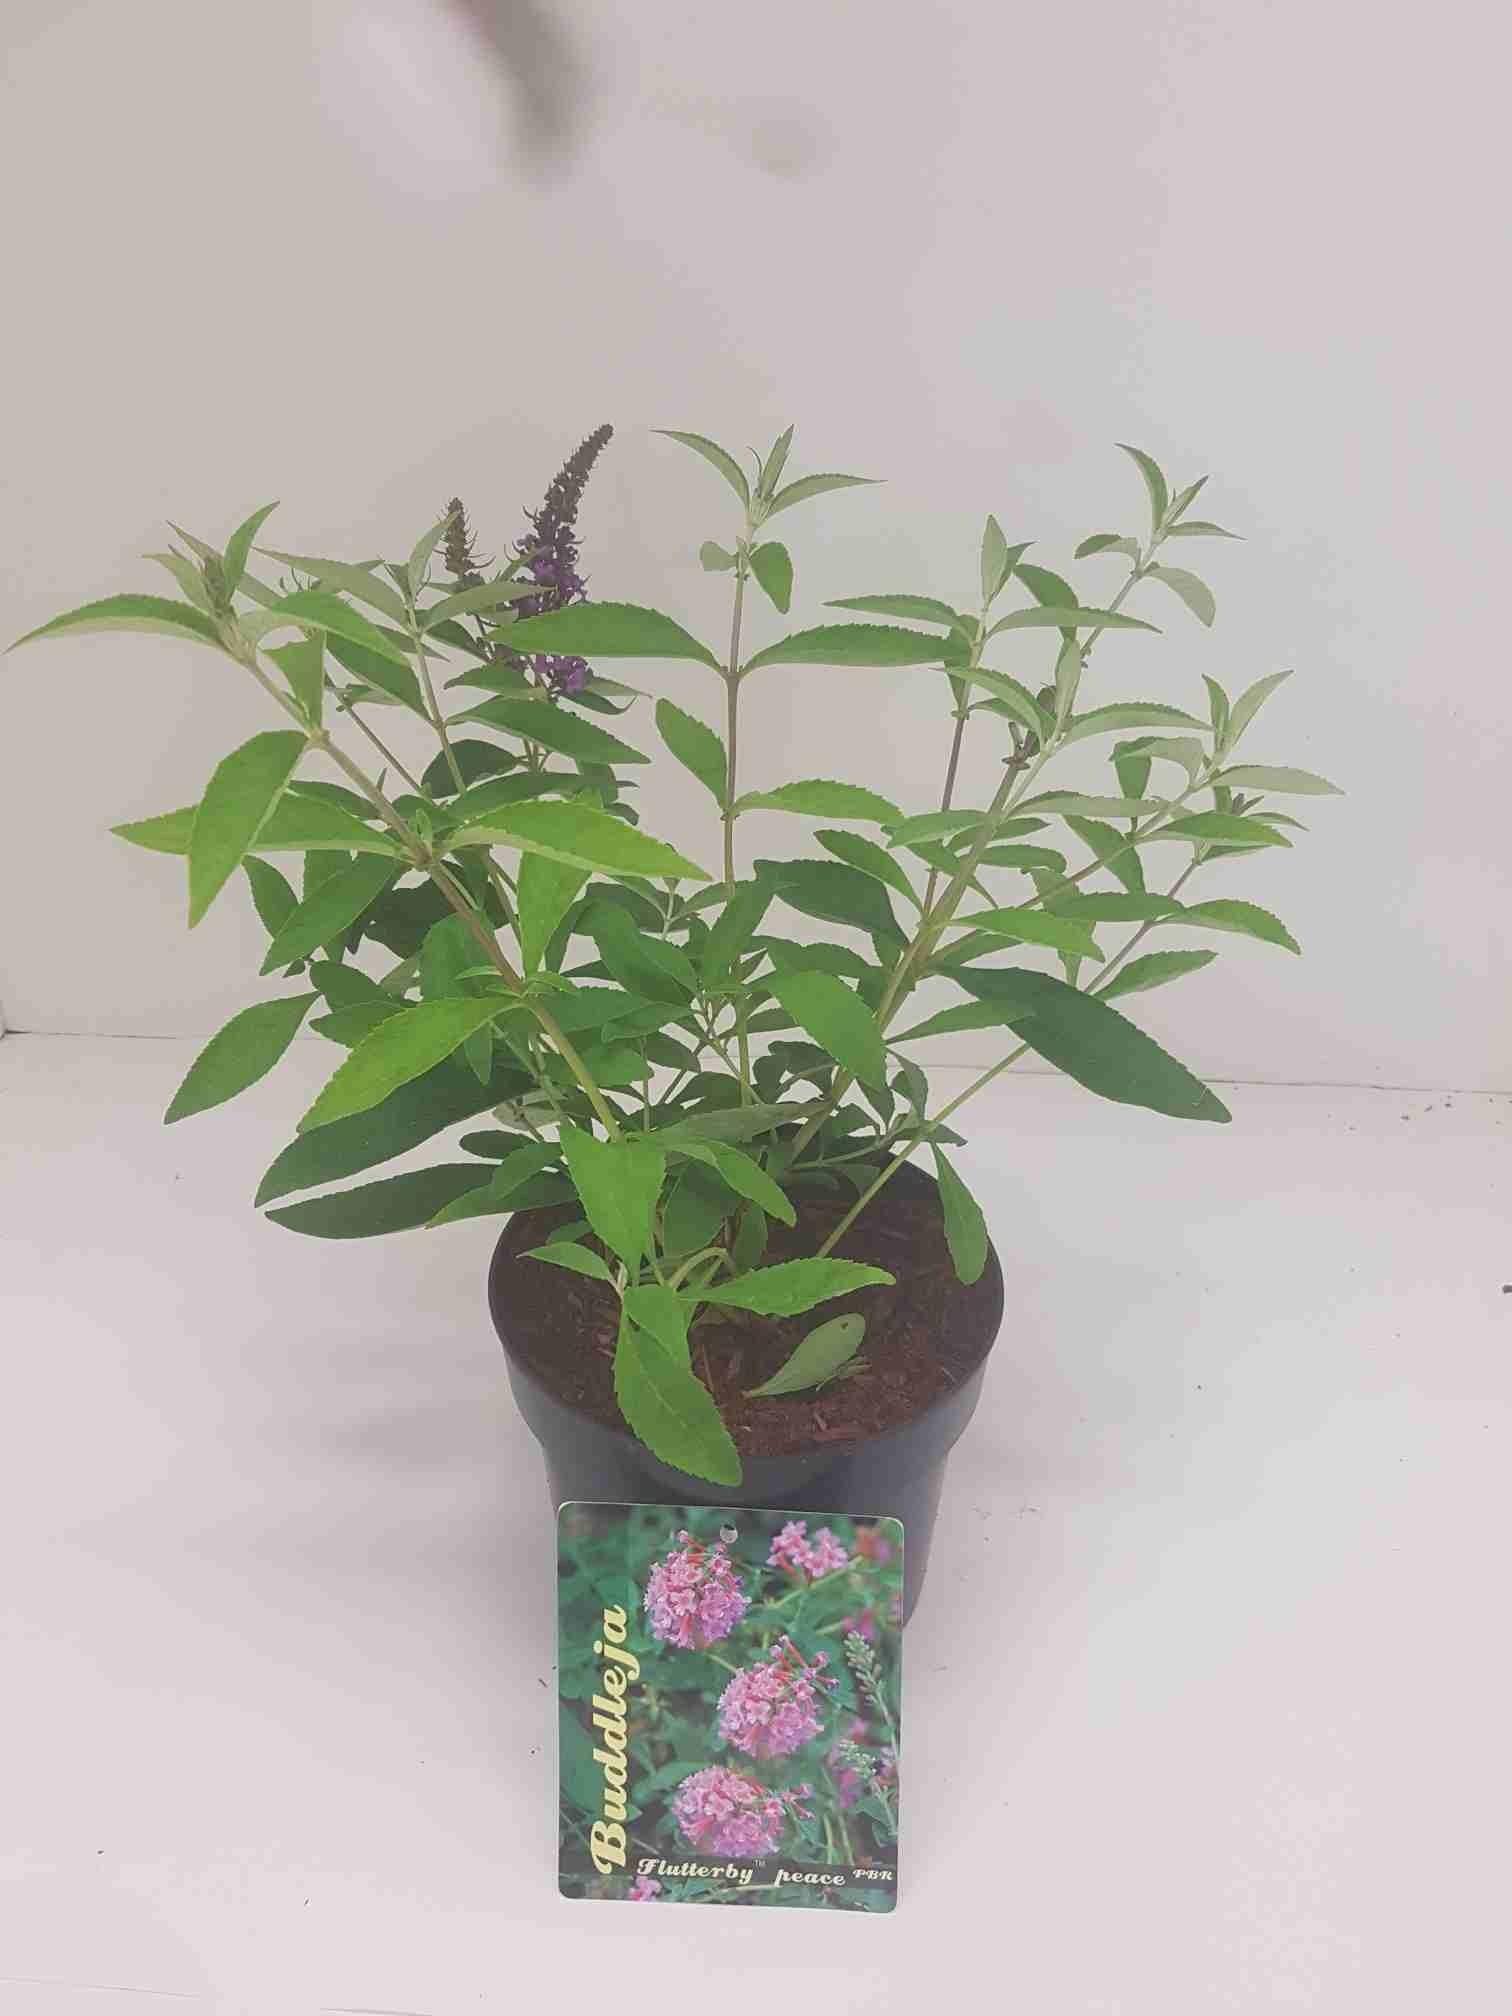 vlinderstruik (Buddleja davidii 'Flutterby Peace')-Plant in pot-40/60 cm